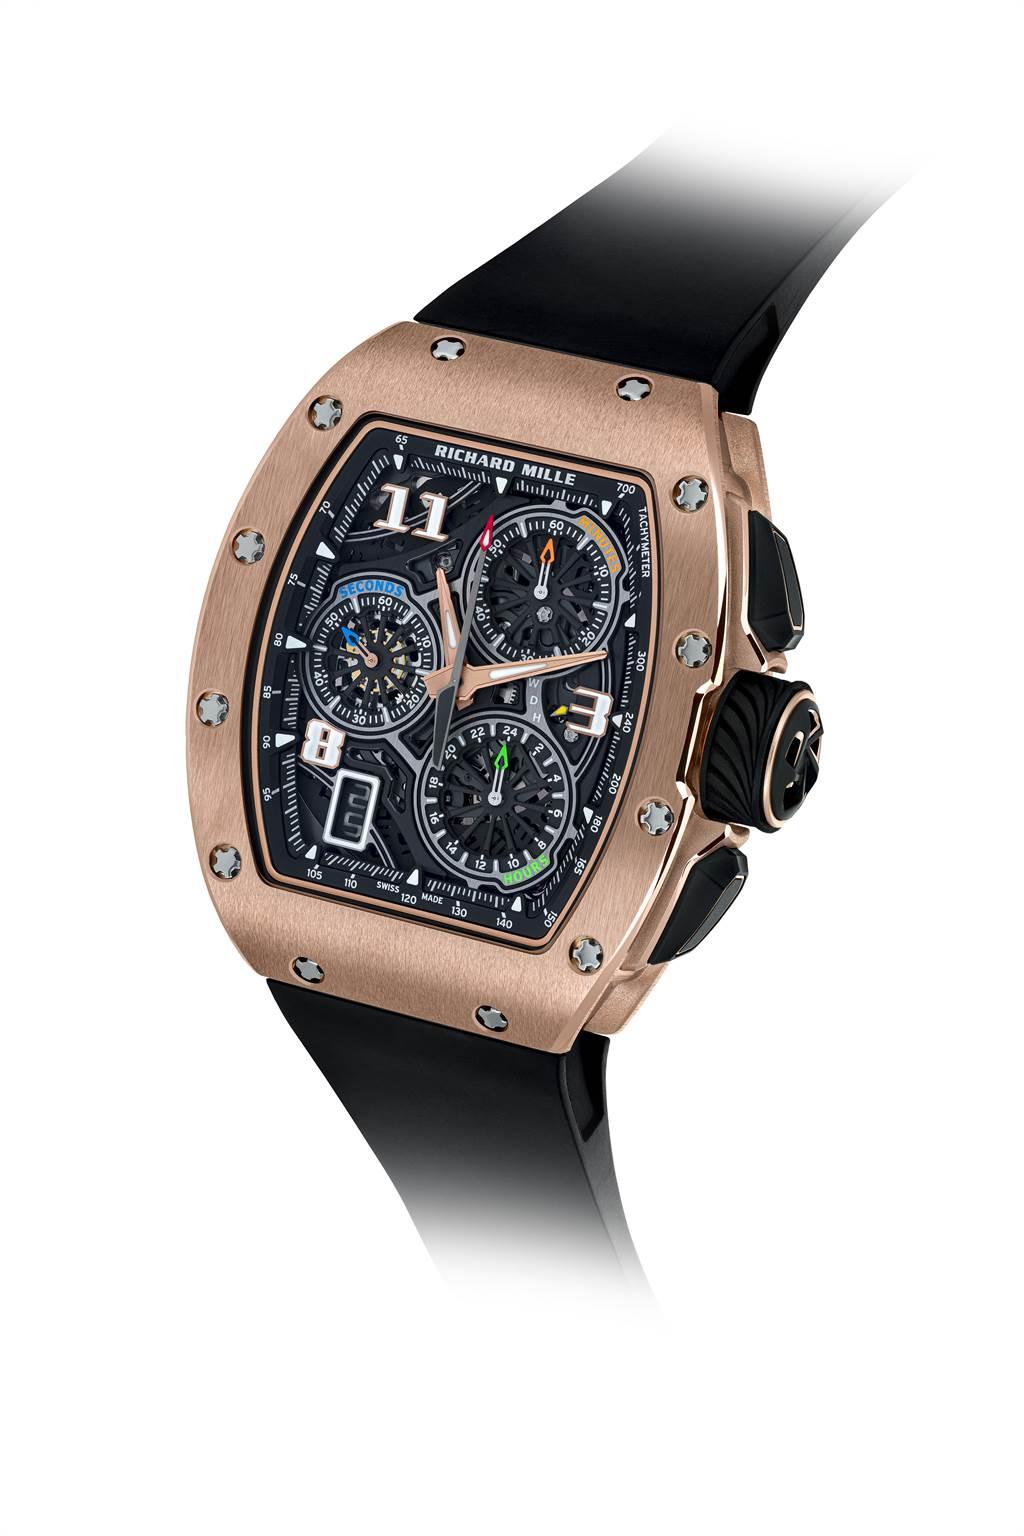 RM 72-01紅金錶殼款式/RICHARD MILLE提供